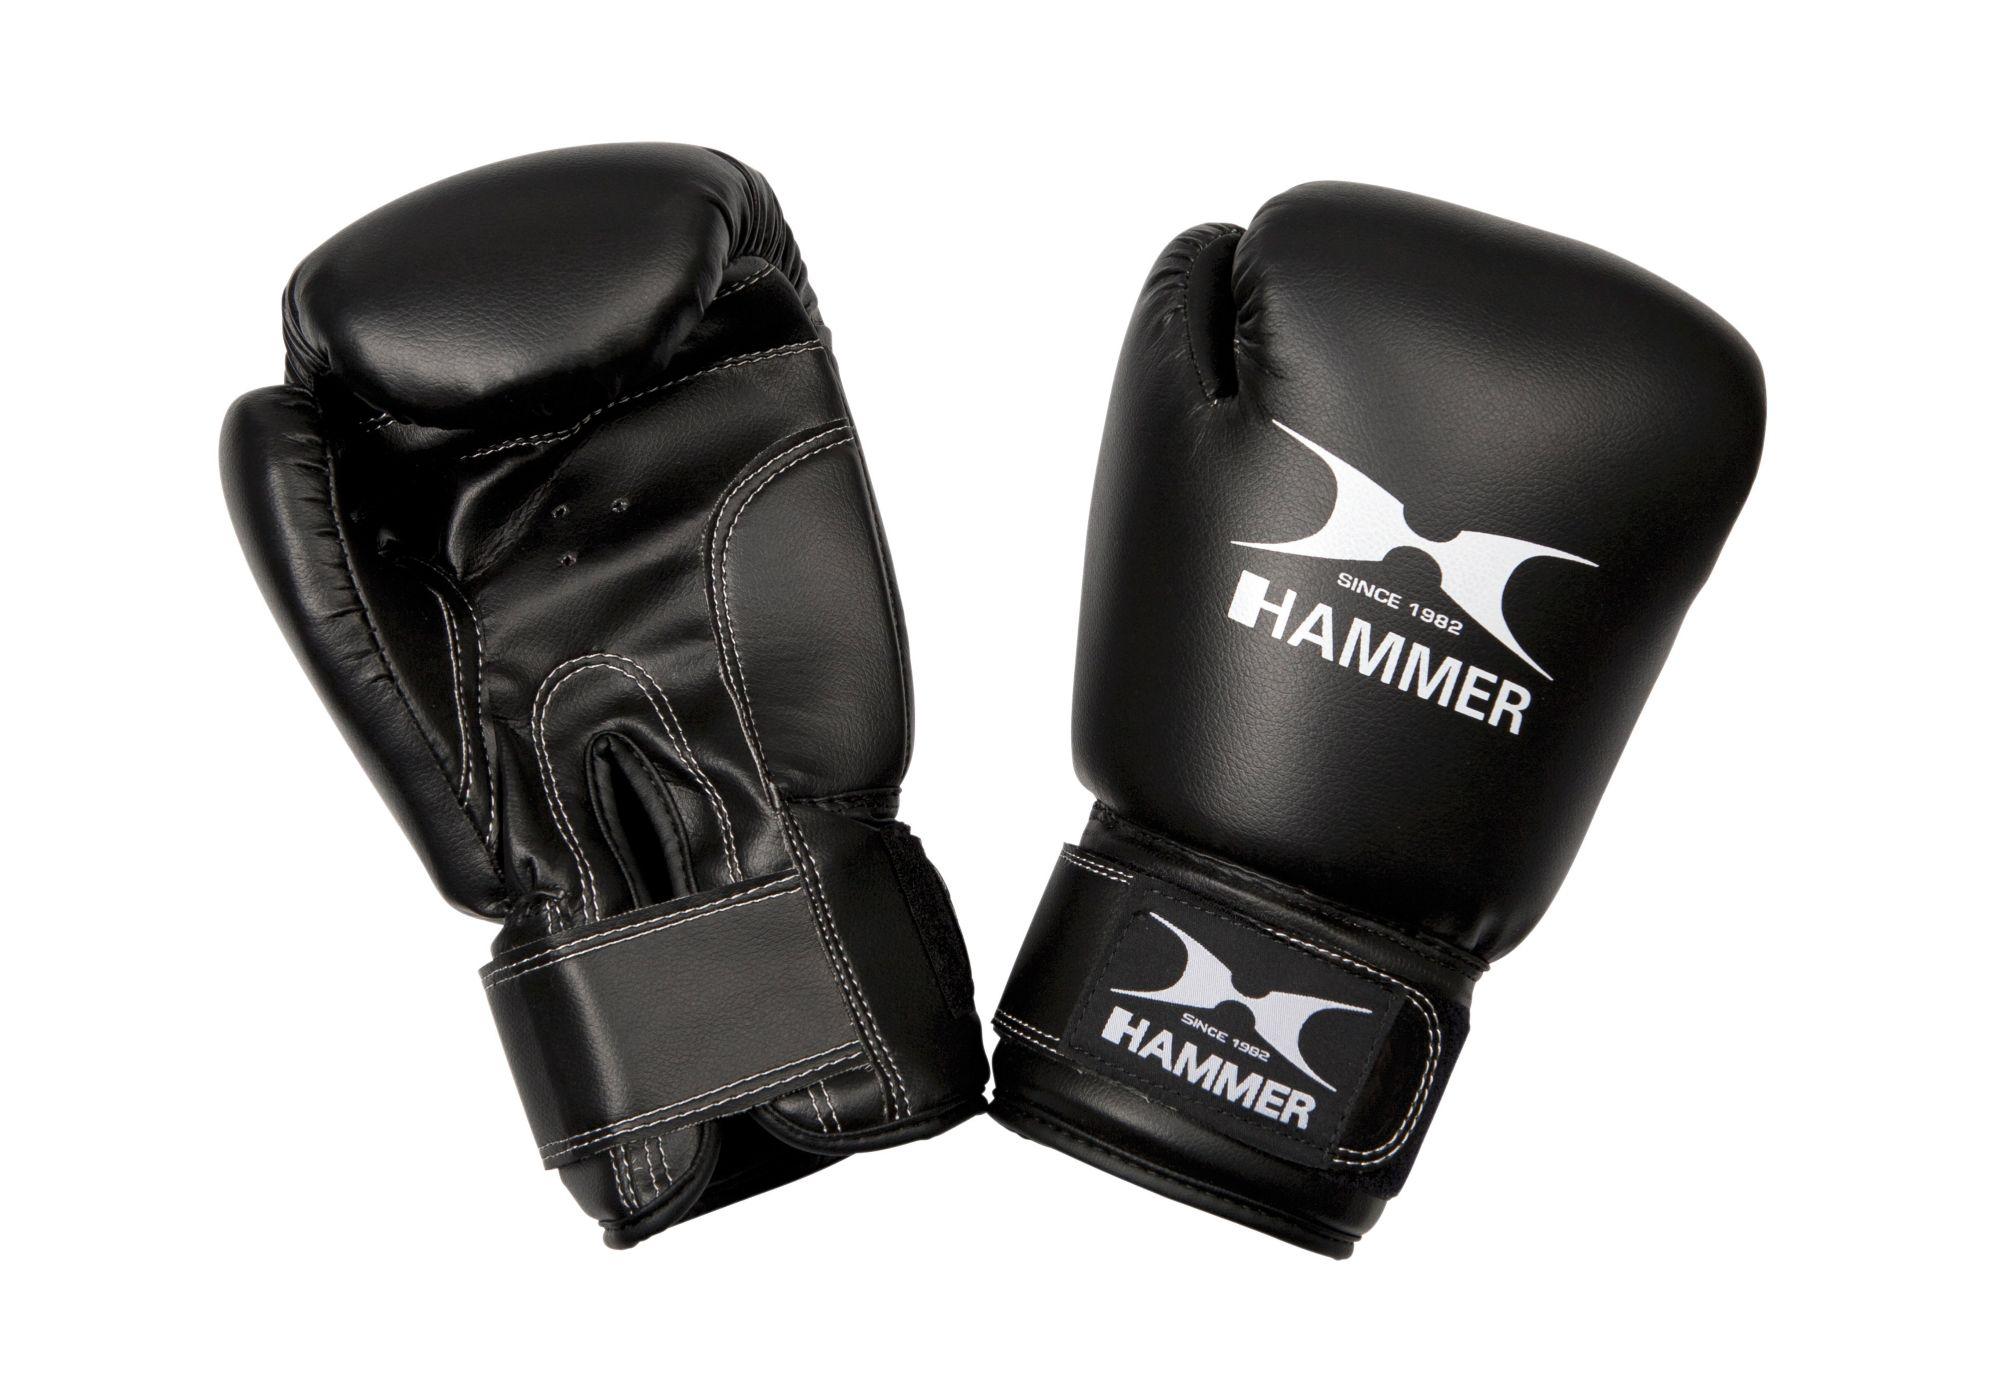 HAMMER Boxhandschuhe, Hammer®, »Fit«, PU, schwarz